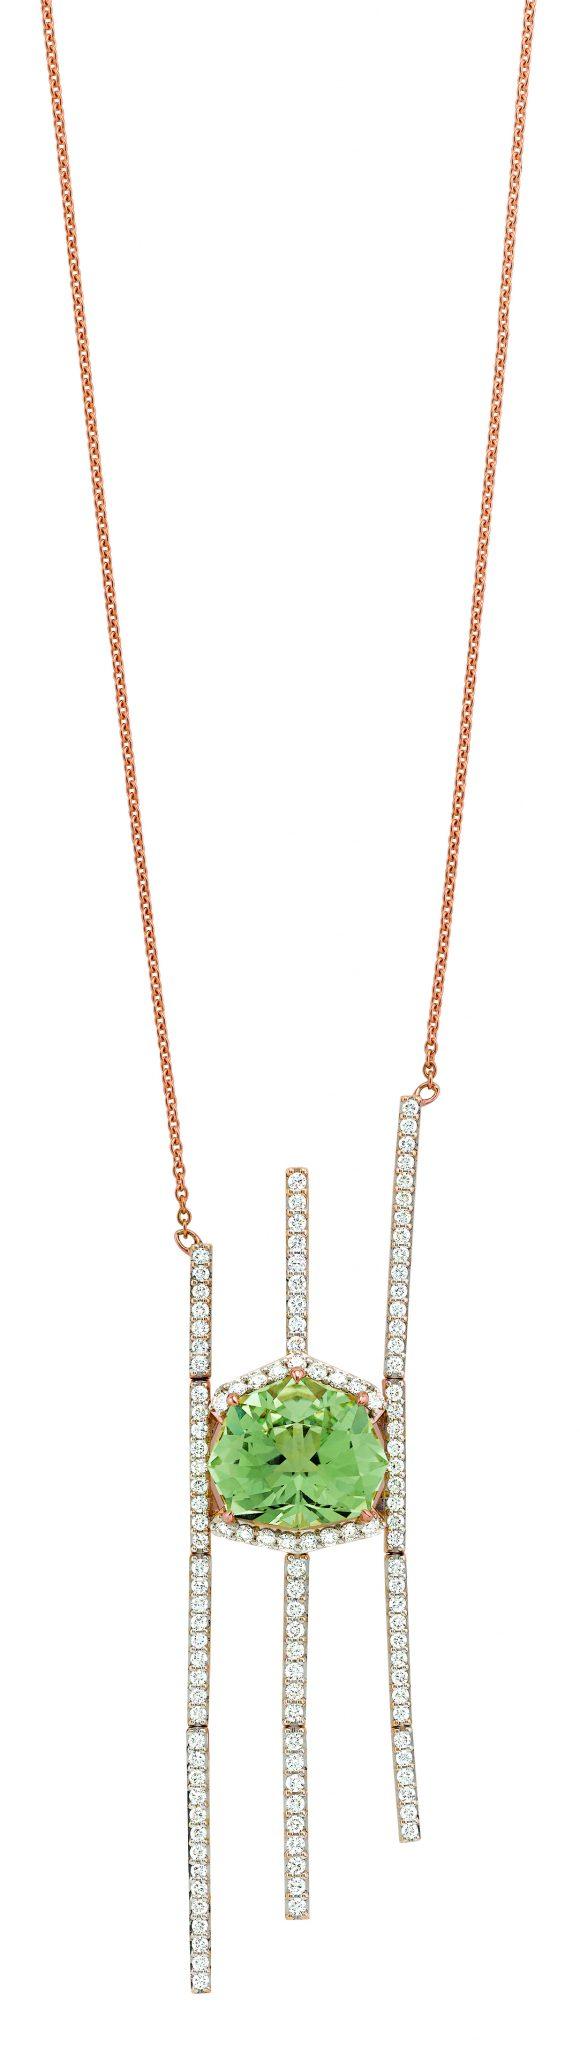 Gringoire Joaillier - ROSE - Quartz vert et diamants - WP1682QV-BTS